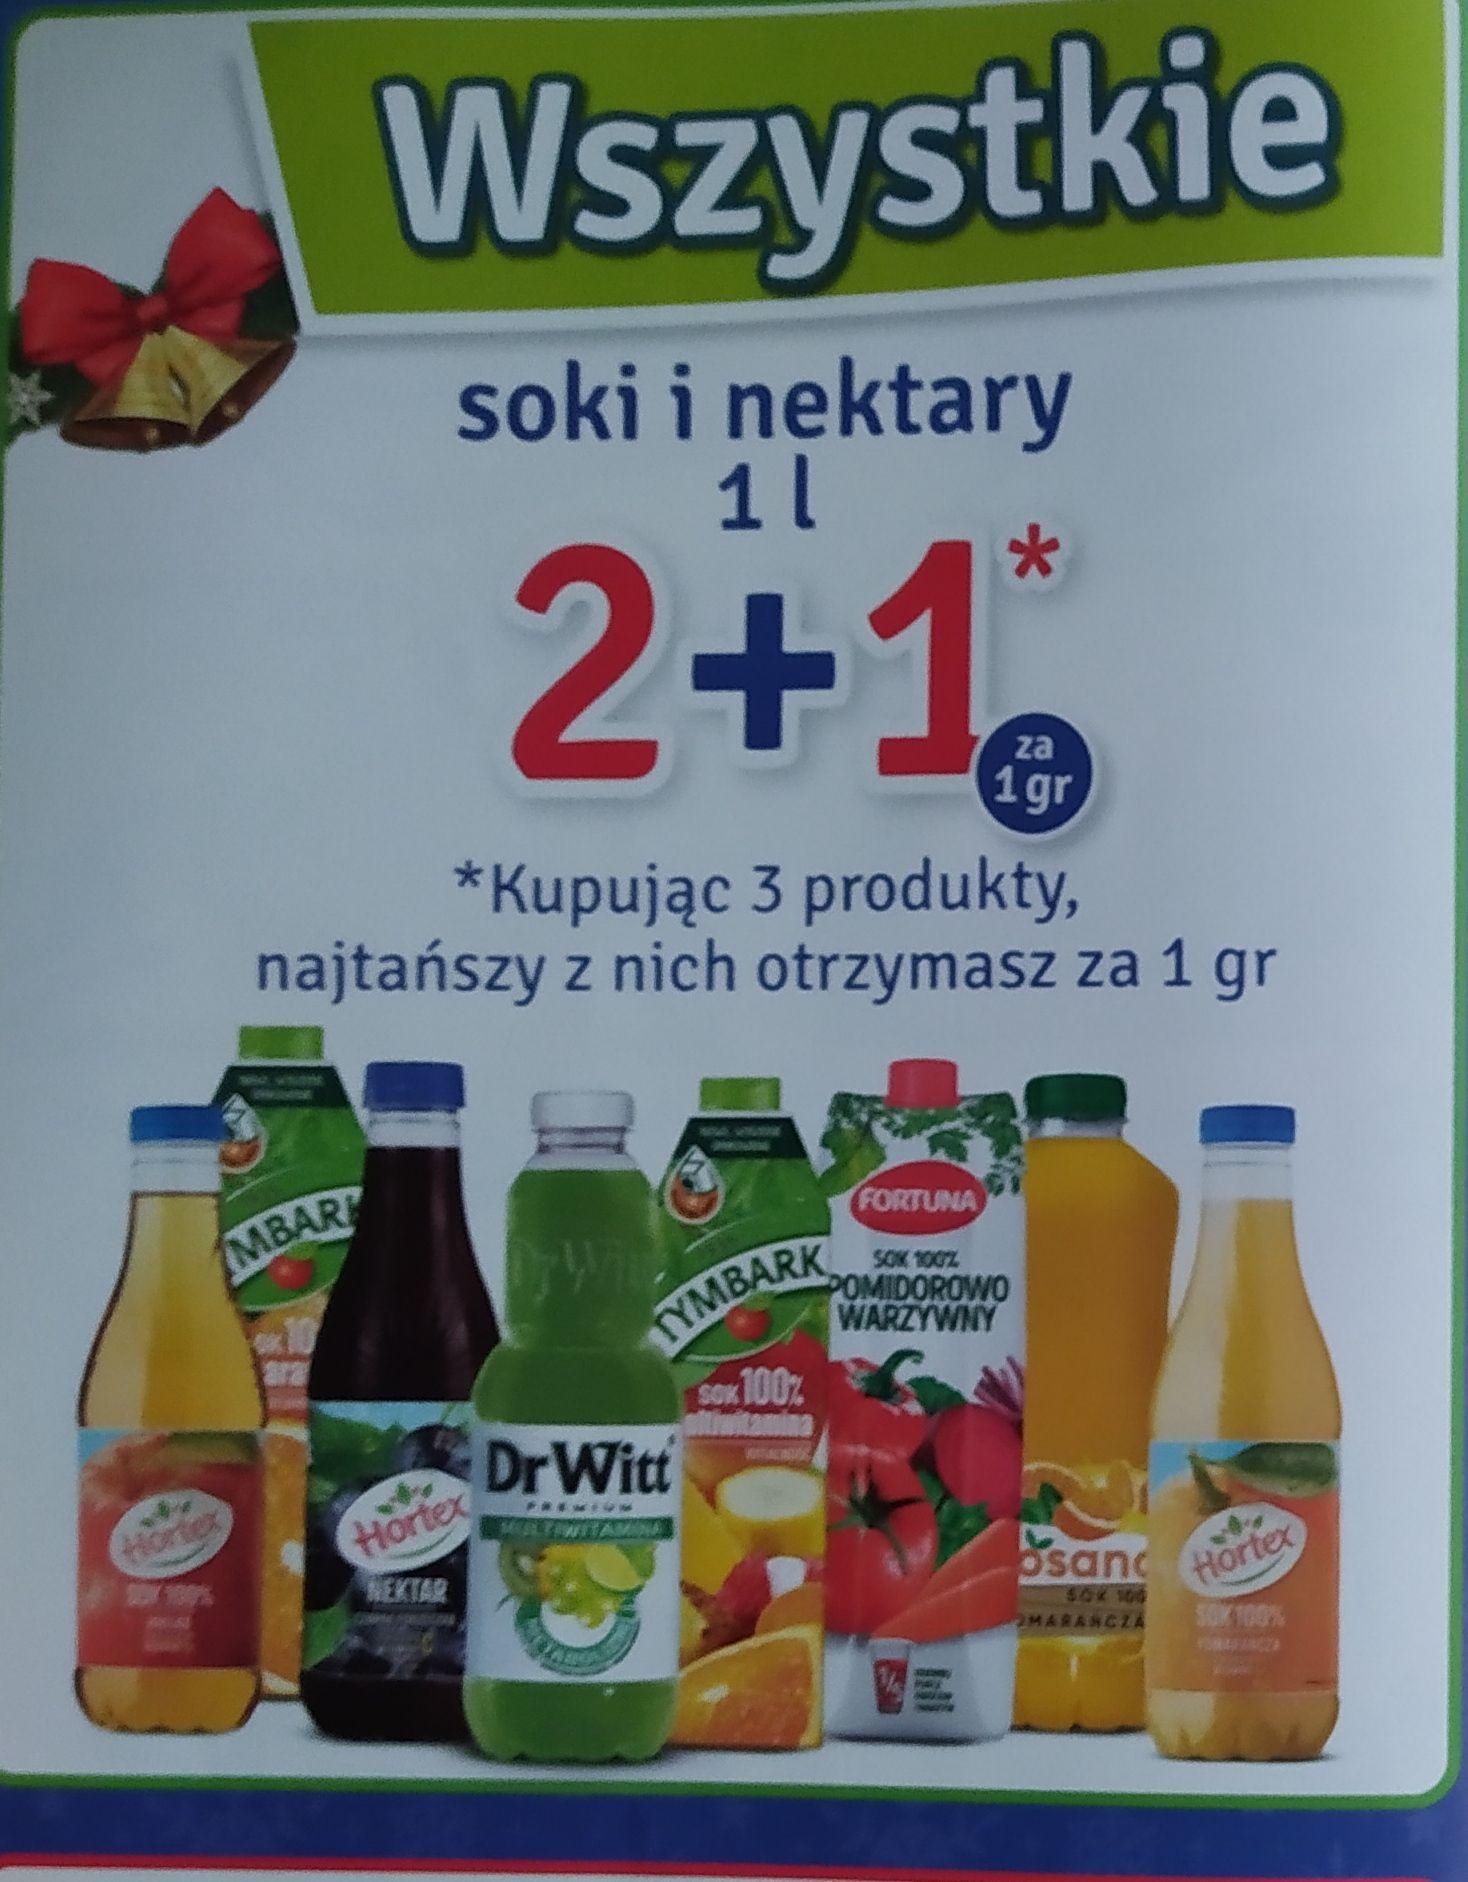 Wszystkie soki i nektary 2+1 za grosz Stokrotka Optima Lublin